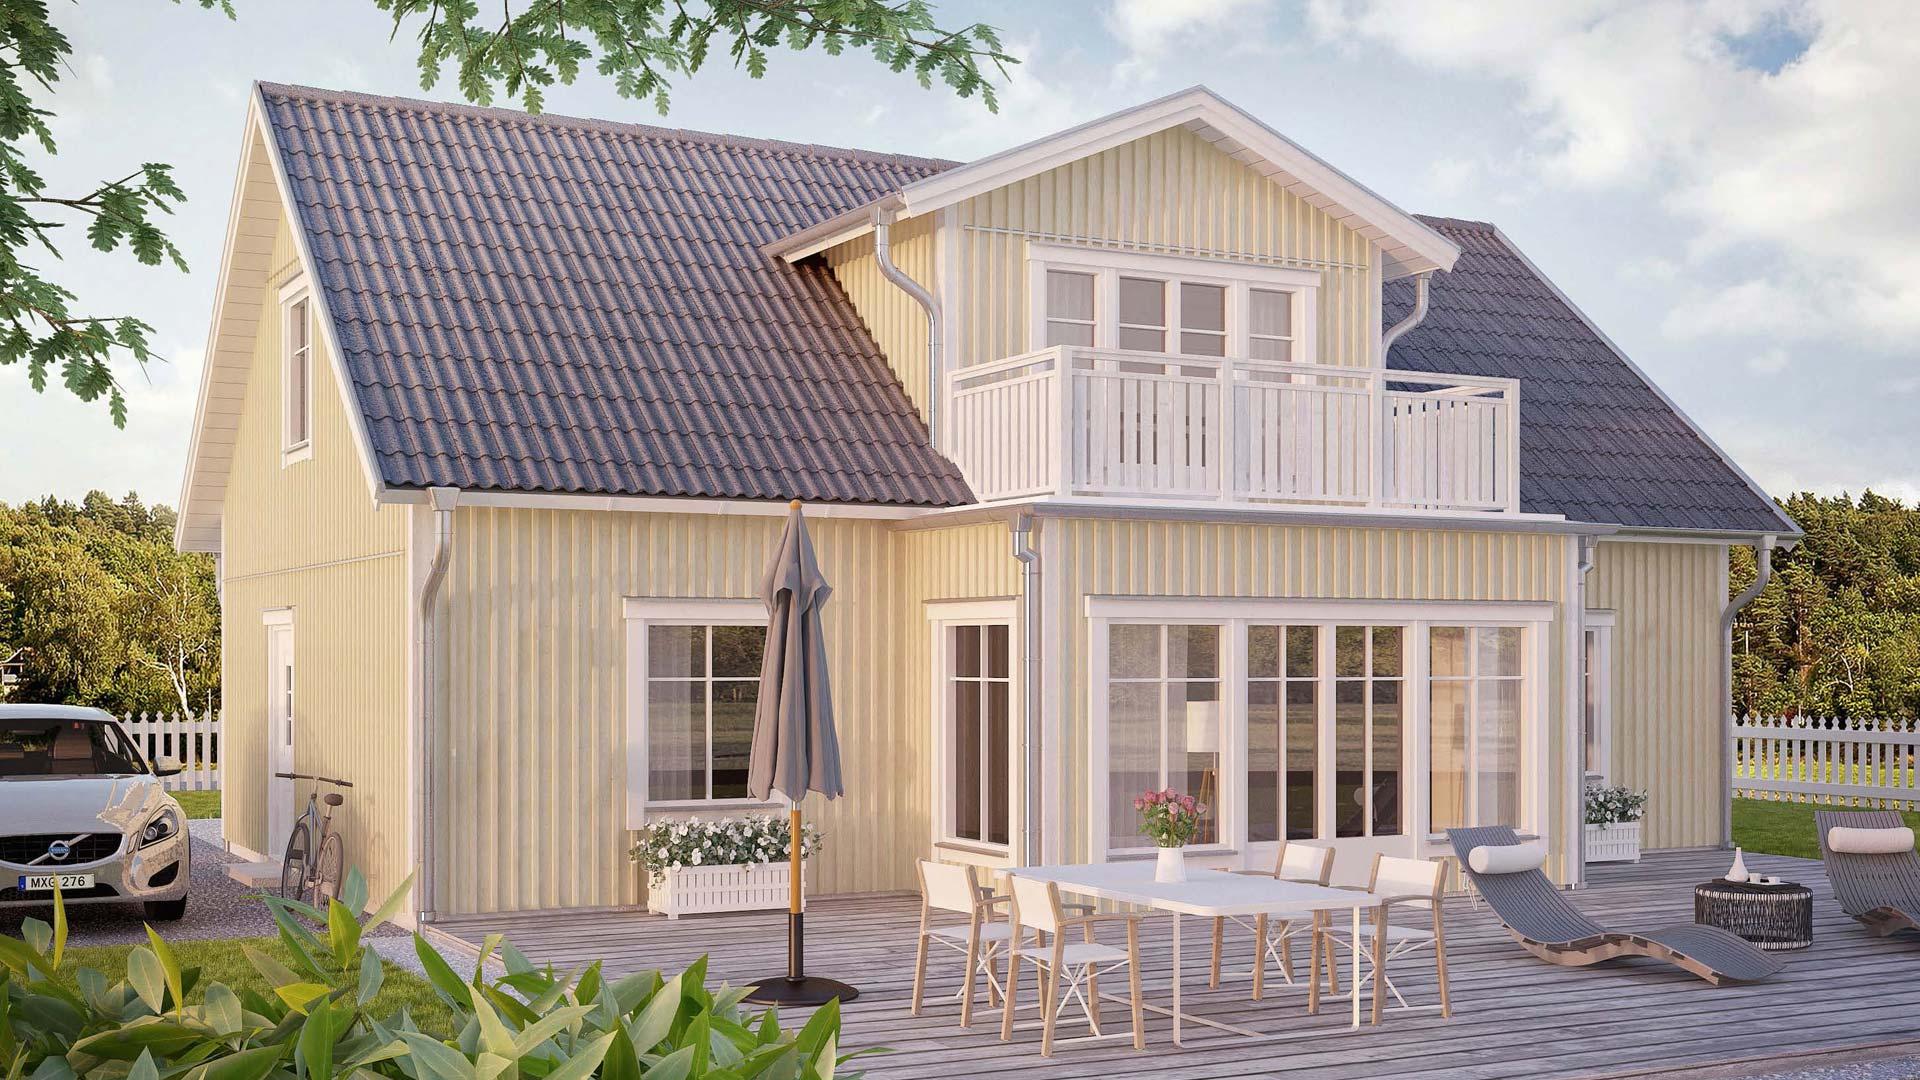 Linneryd-1 - Rrvikshus